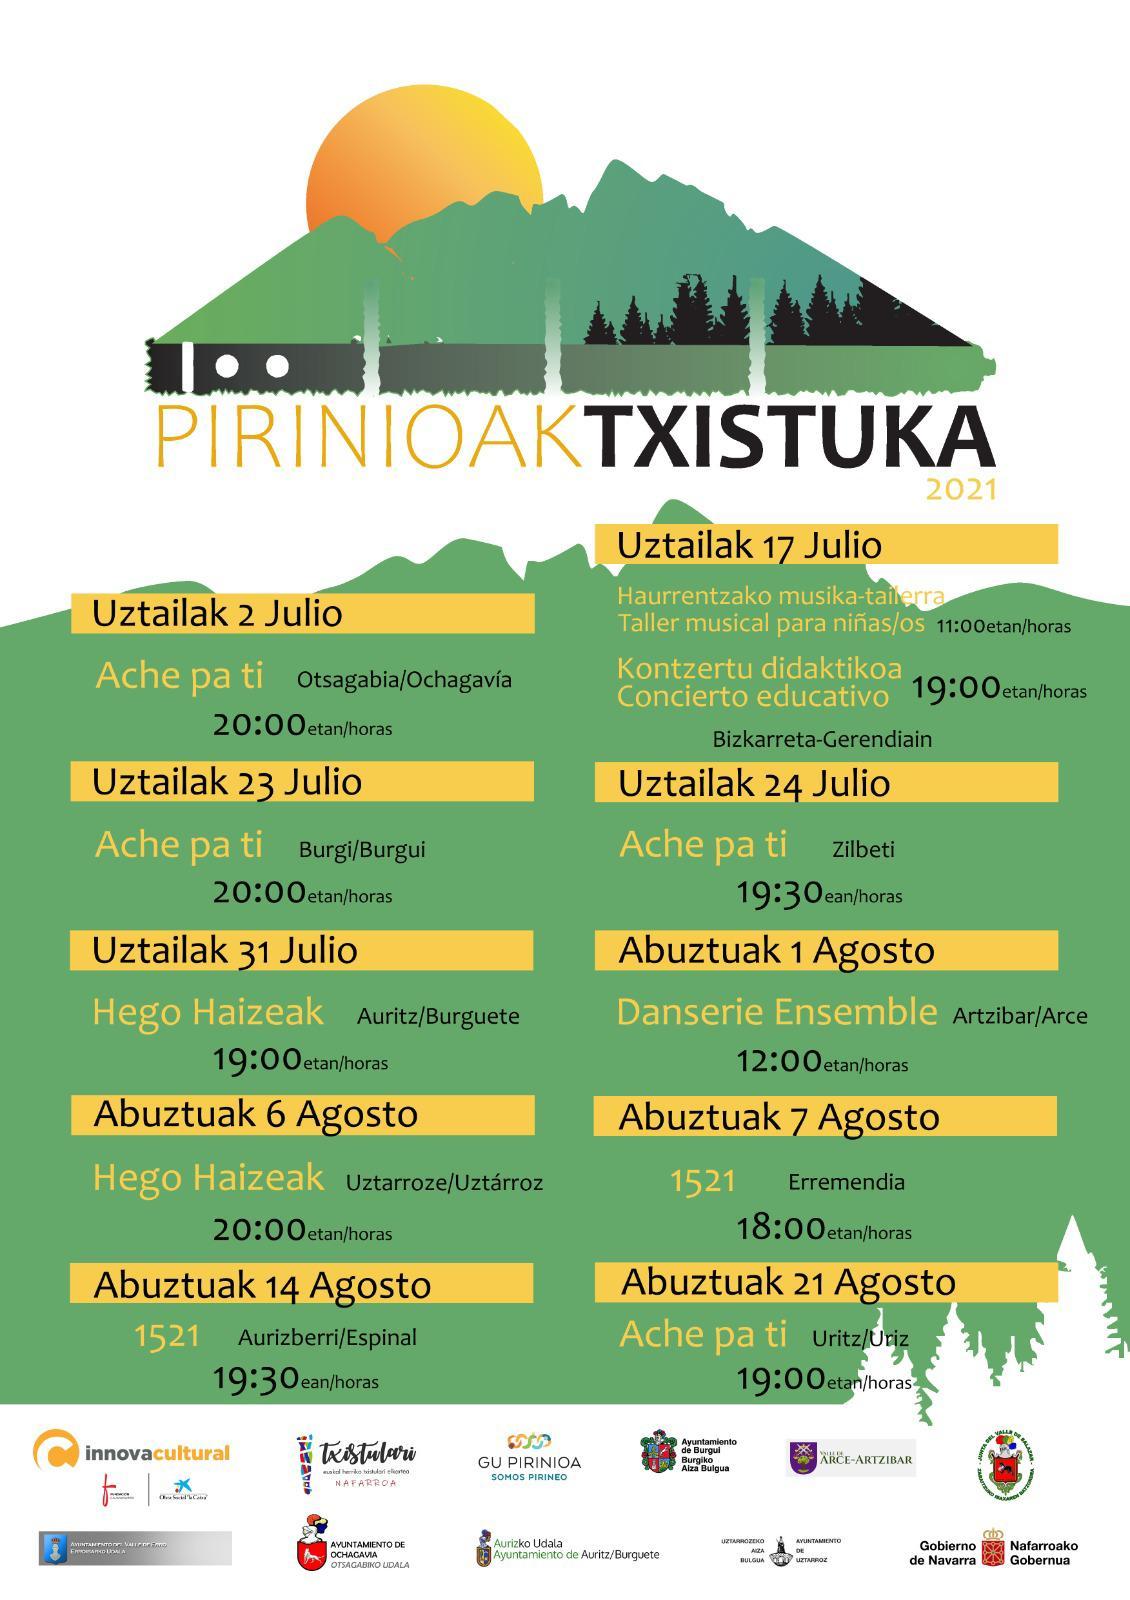 Pirinioak Txistuka 2021 Kartela